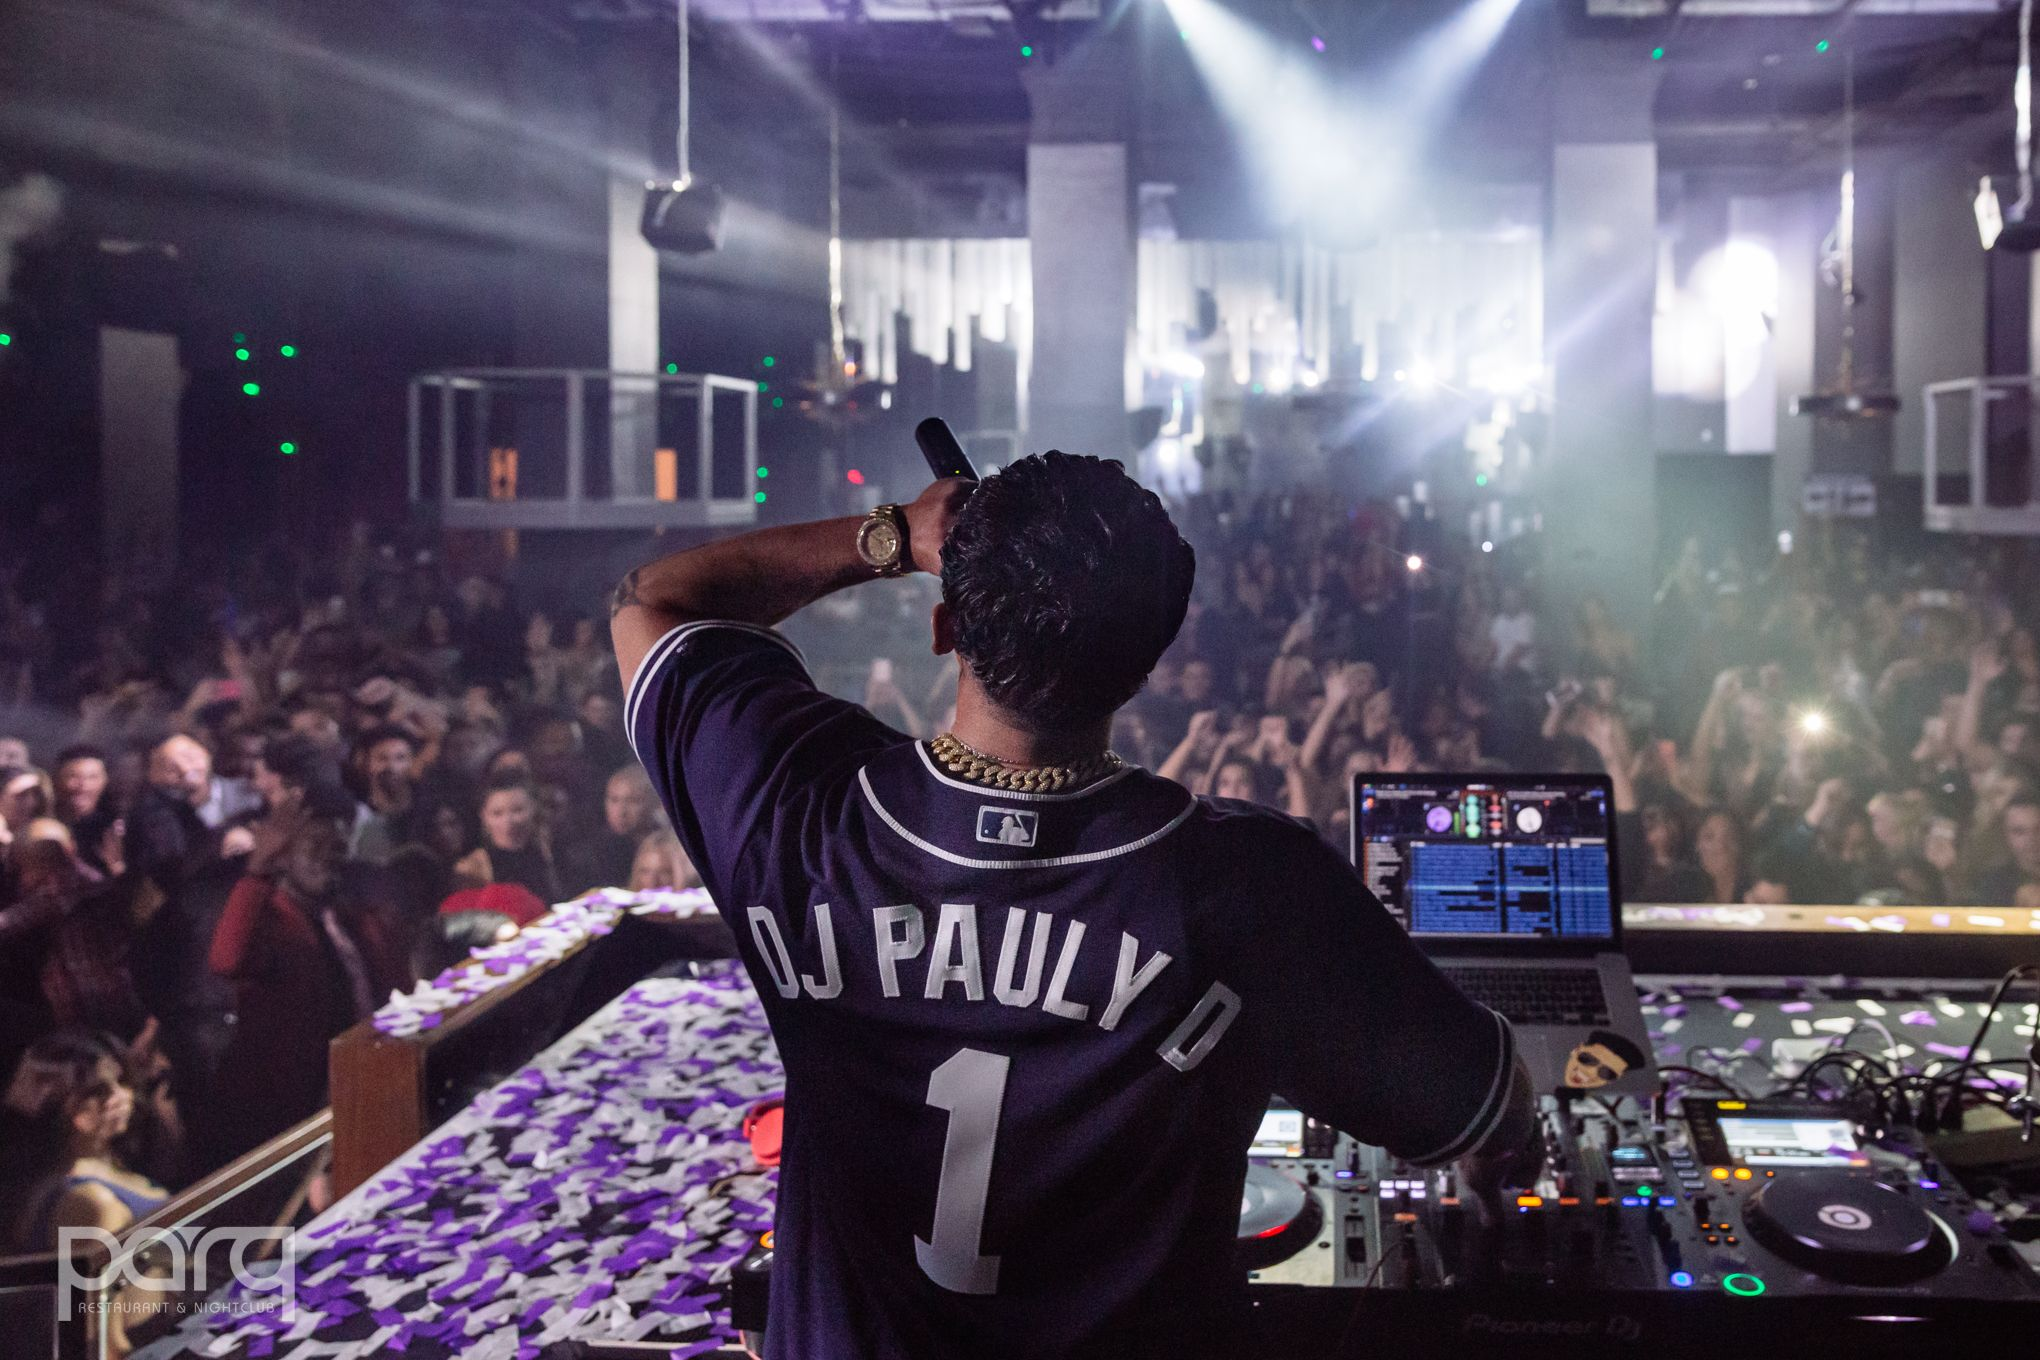 11.16.19 Parq - Pauly D-22.jpg